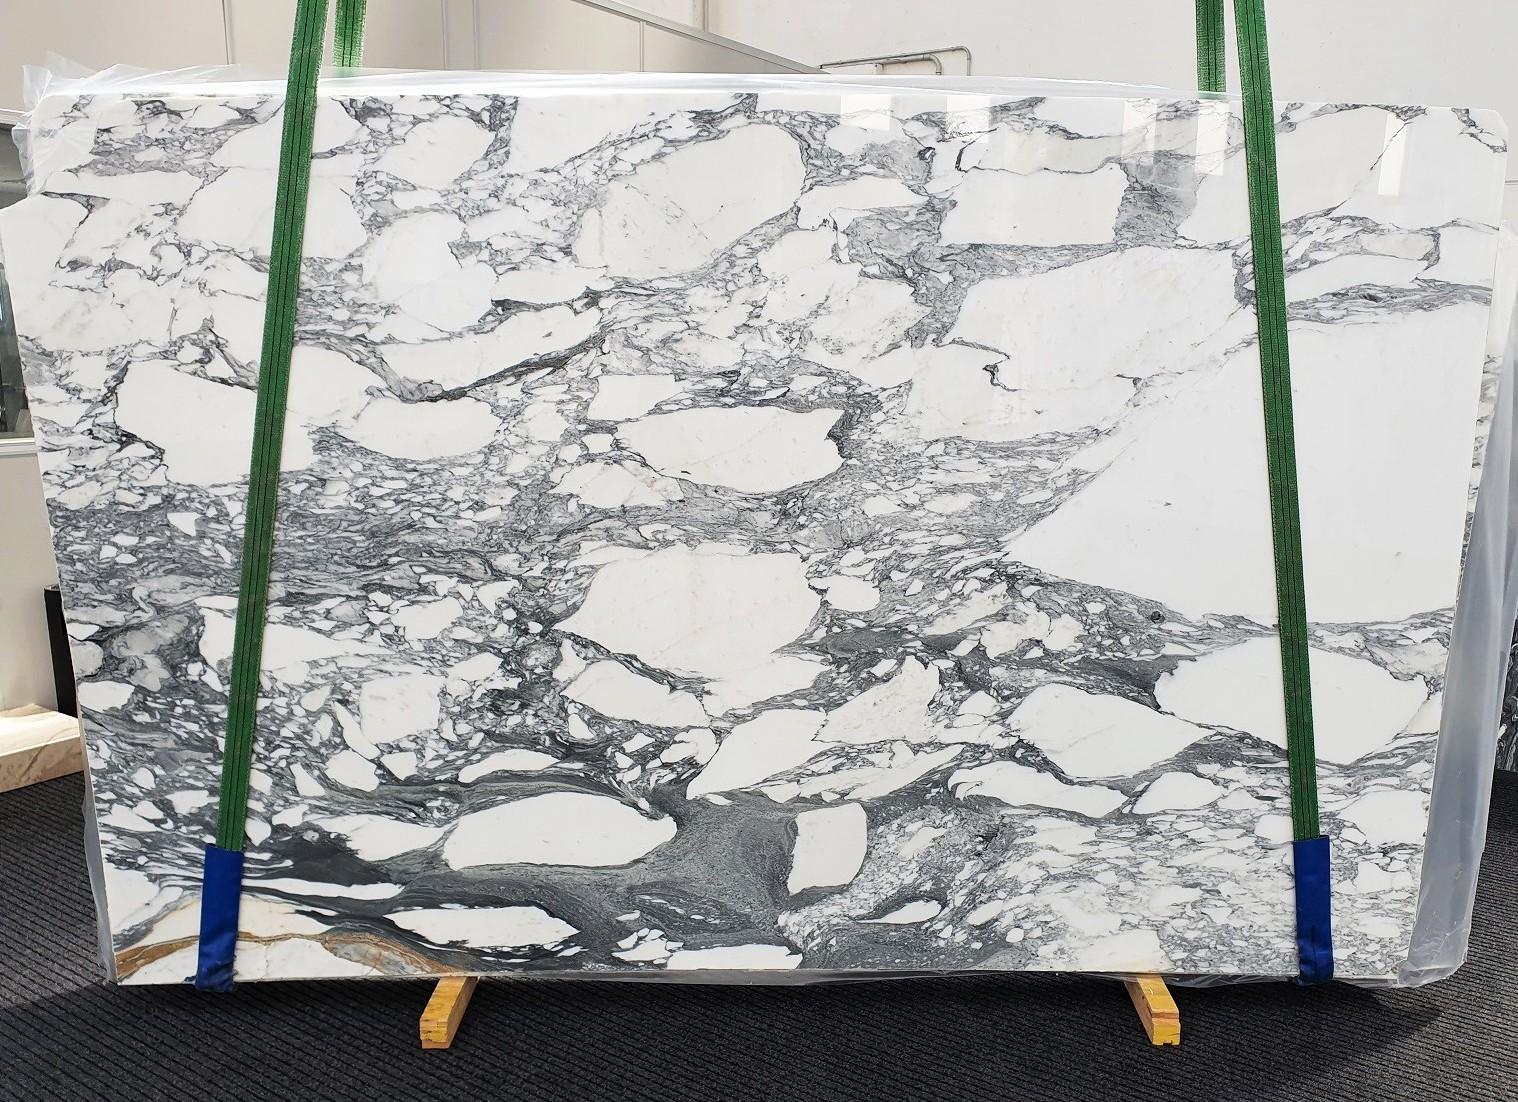 ARABESCATO CORCHIA Suministro Veneto (Italia) de planchas pulidas en mármol natural 1433 , Slab #17